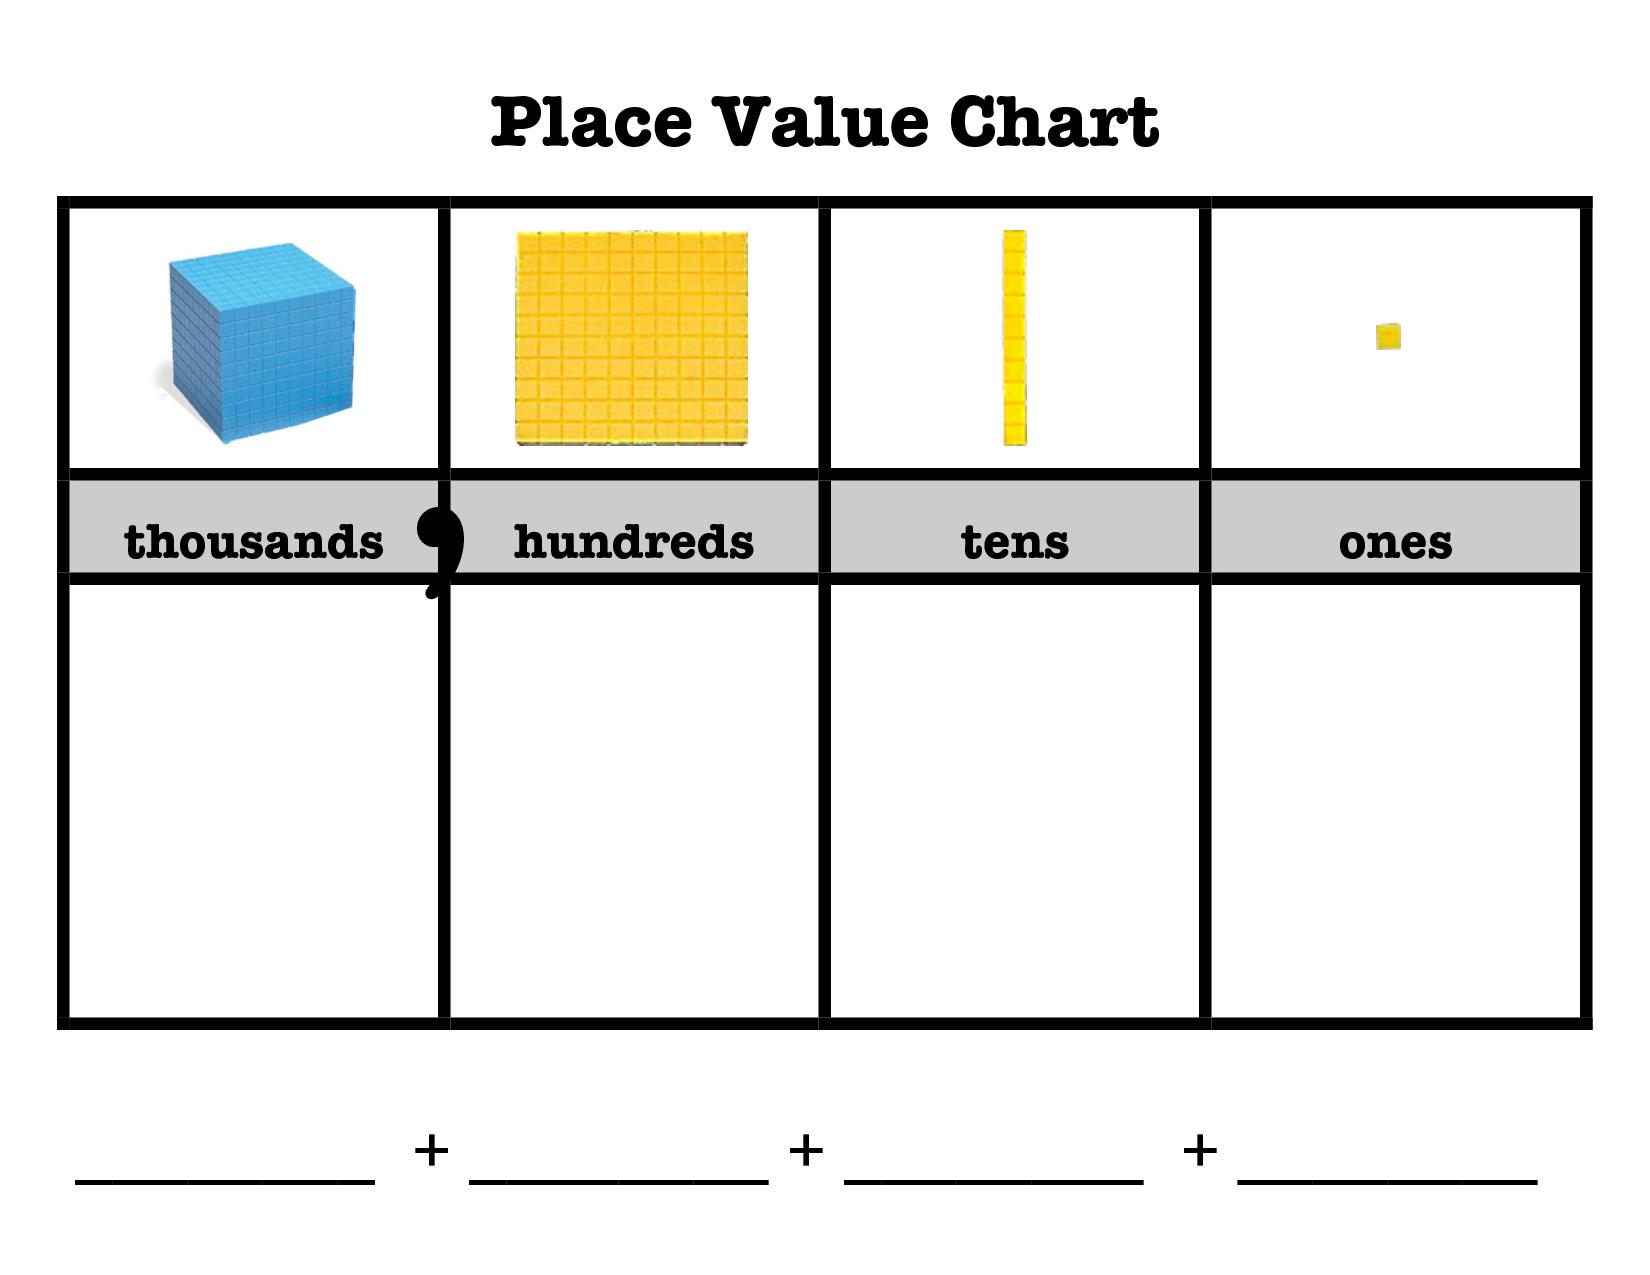 Place value png transparent place valueg images pluspng thousands place value chart u2026 place value png nvjuhfo Choice Image